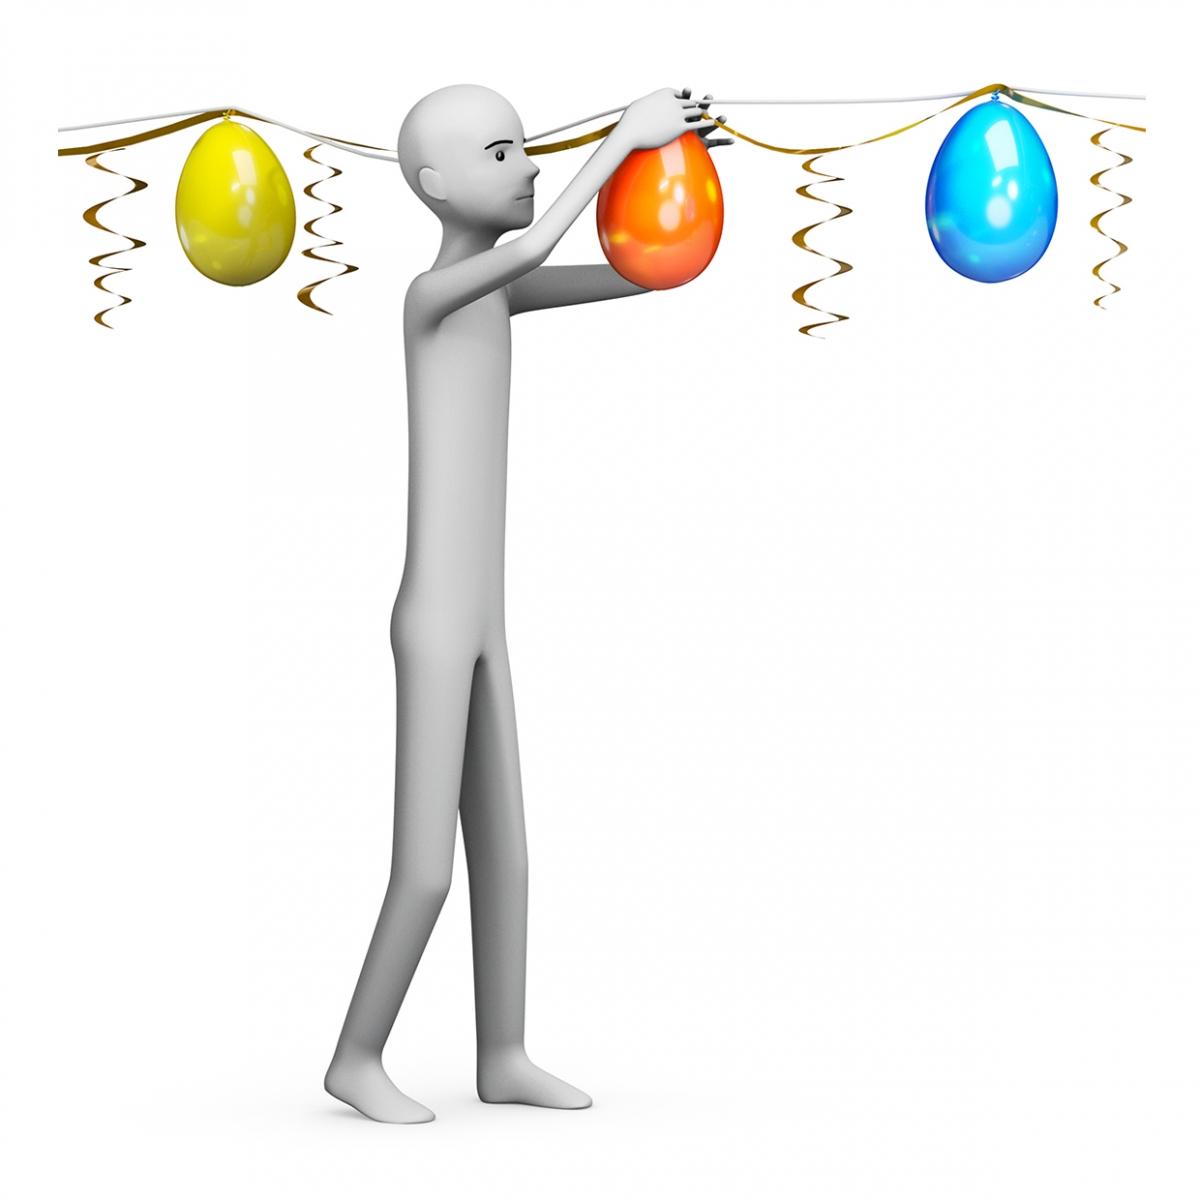 Imagen de una persona decorando con globos